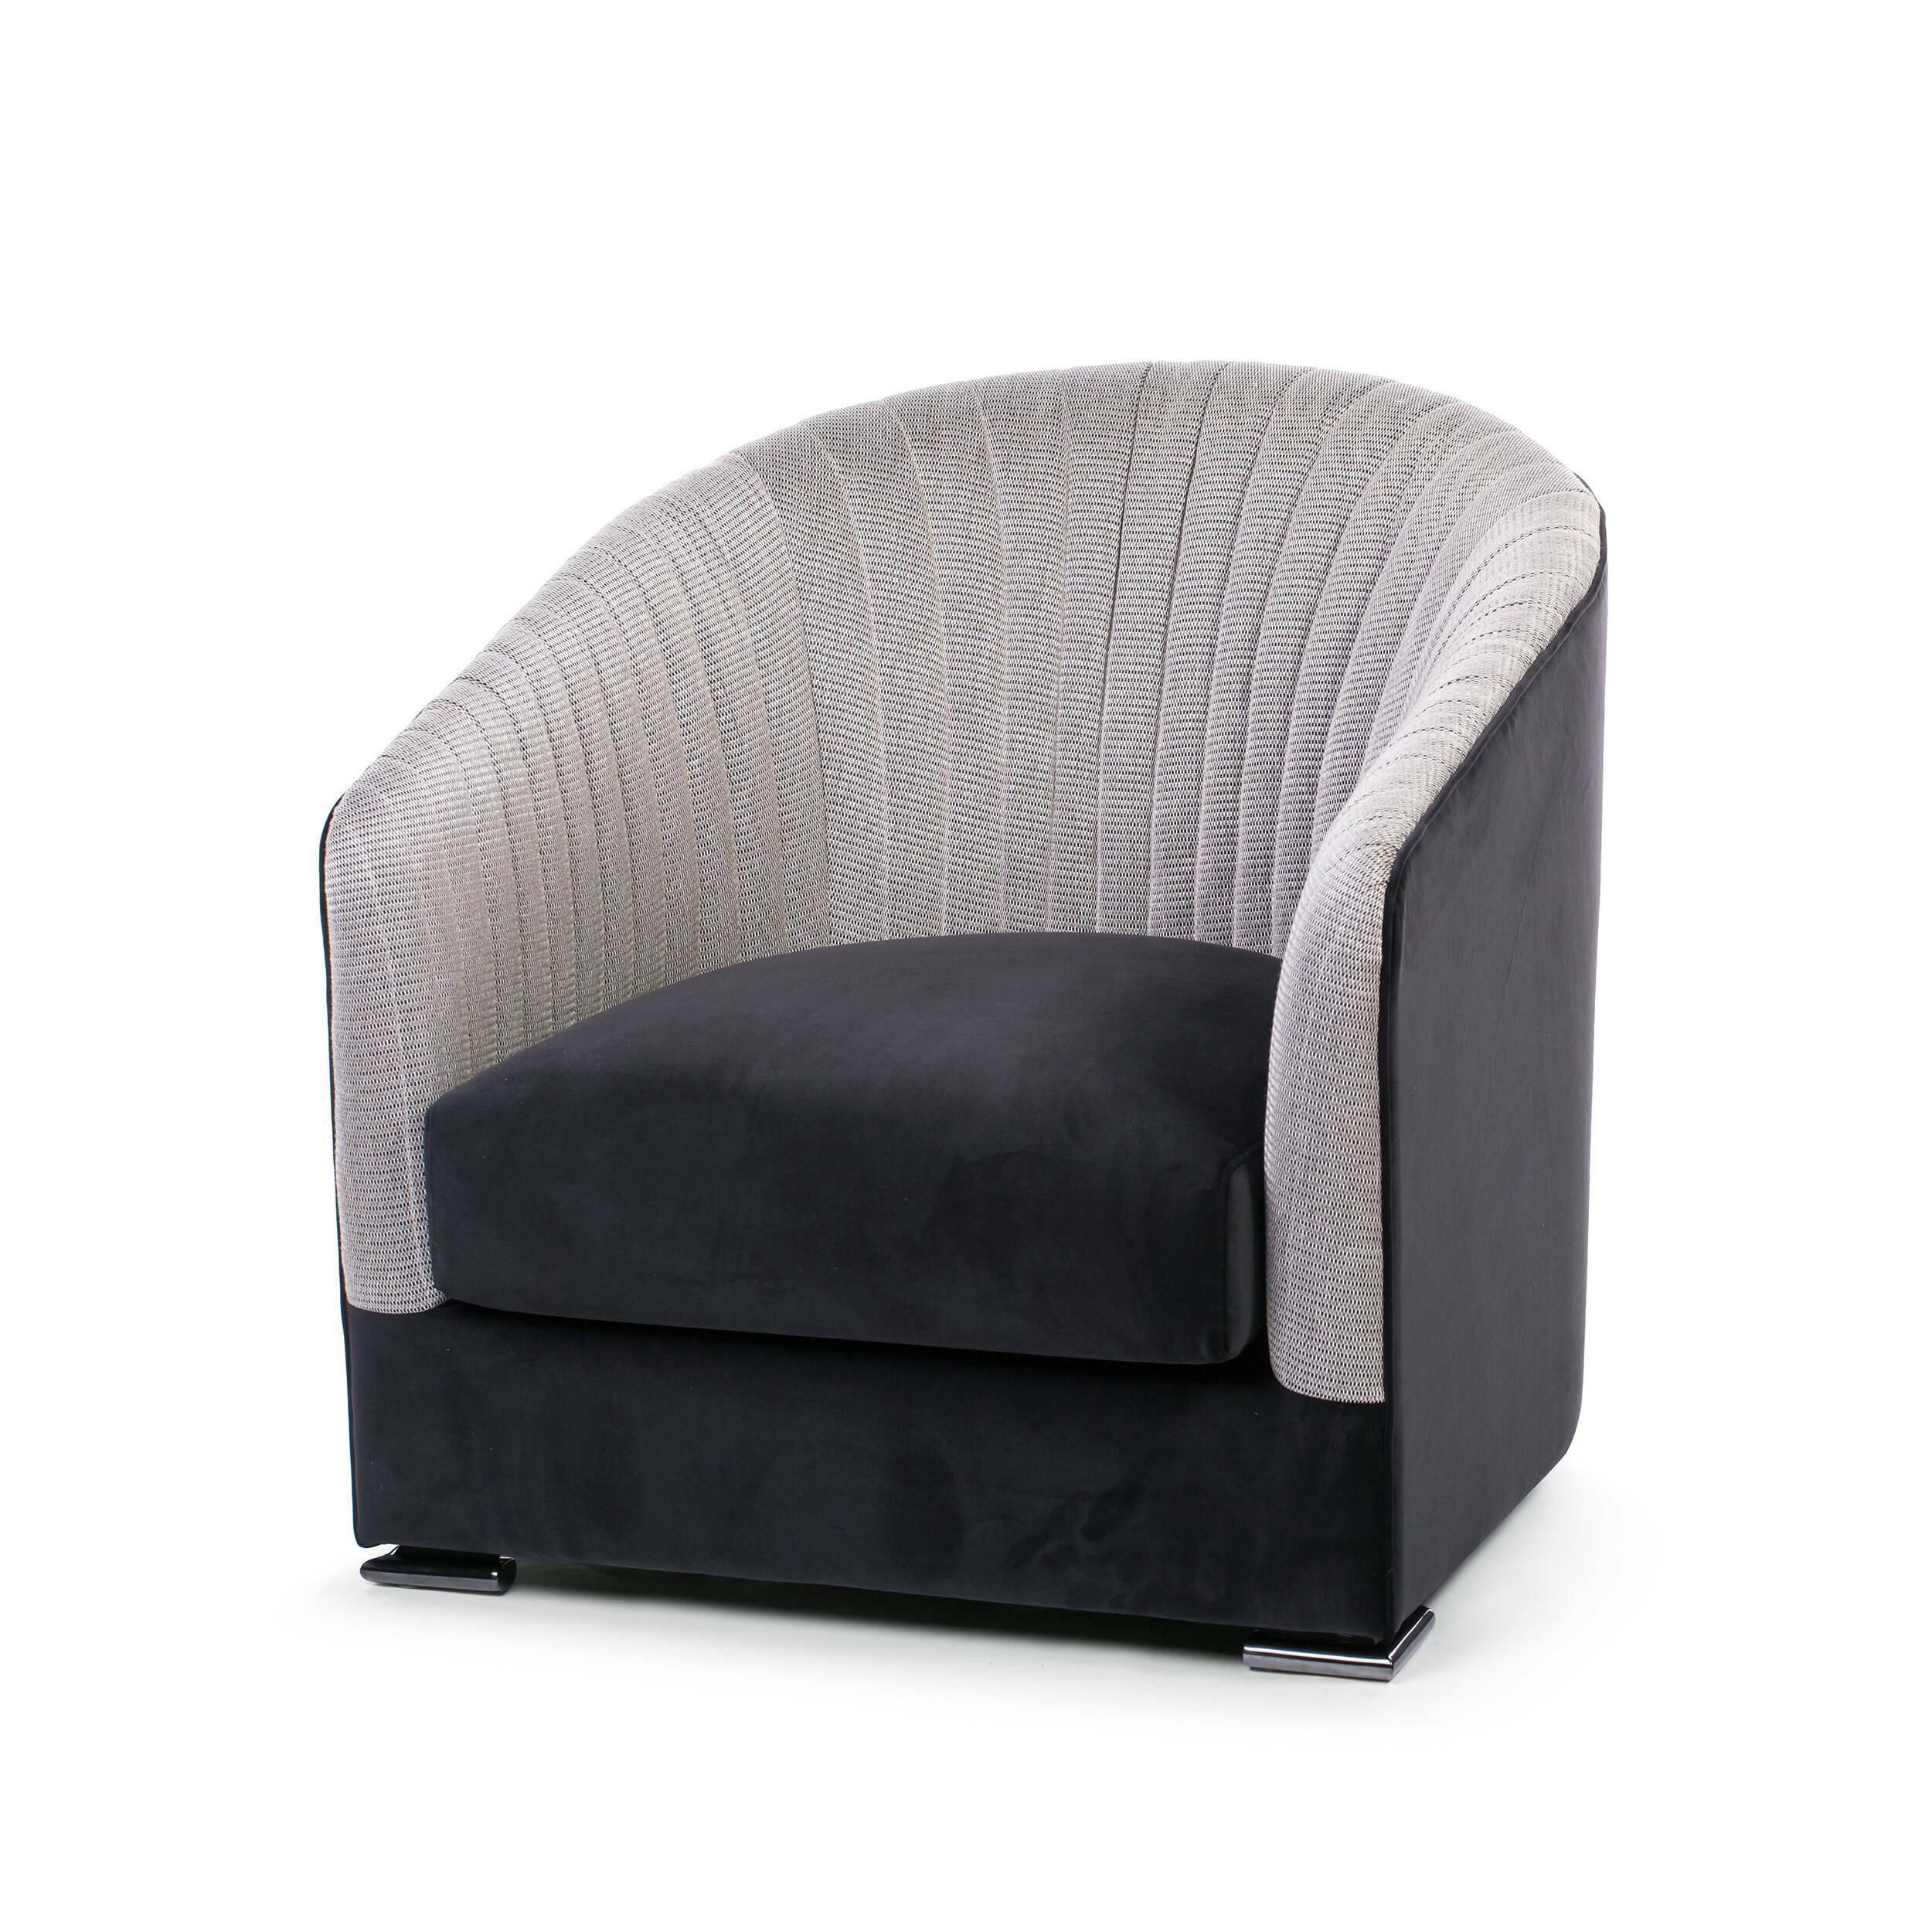 Кресло LucillaИнтерьерные<br>Дизайн кресла Lucilla не часто встретишь в интерьере. Не каждый дизайнер решится взяться за сложный геометрический проект, который также строится на точной симметрии. В данной же модели кресла тщательно продуманы все детали, в частности, это касается и цветовой гаммы. Дизайнерам удалось грамотно собрать оттенки серого в контрастной, но в то же время органичной палитре. <br> <br> Обивка кресла Lucilla выполнена в бархате. Неоспоримым преимуществом этого материала является его роскошный внешний вид...<br><br>stock: 1<br>Высота: 80<br>Высота сиденья: 37<br>Ширина: 80<br>Глубина: 90<br>Цвет ножек: Никель<br>Наполнитель: Пена<br>Материал обивки: Бархат<br>Цвет обивки дополнительный: Бежевый<br>Тип материала обивки: Ткань<br>Тип материала ножек: Сталь нержавеющая<br>Цвет обивки: Черный